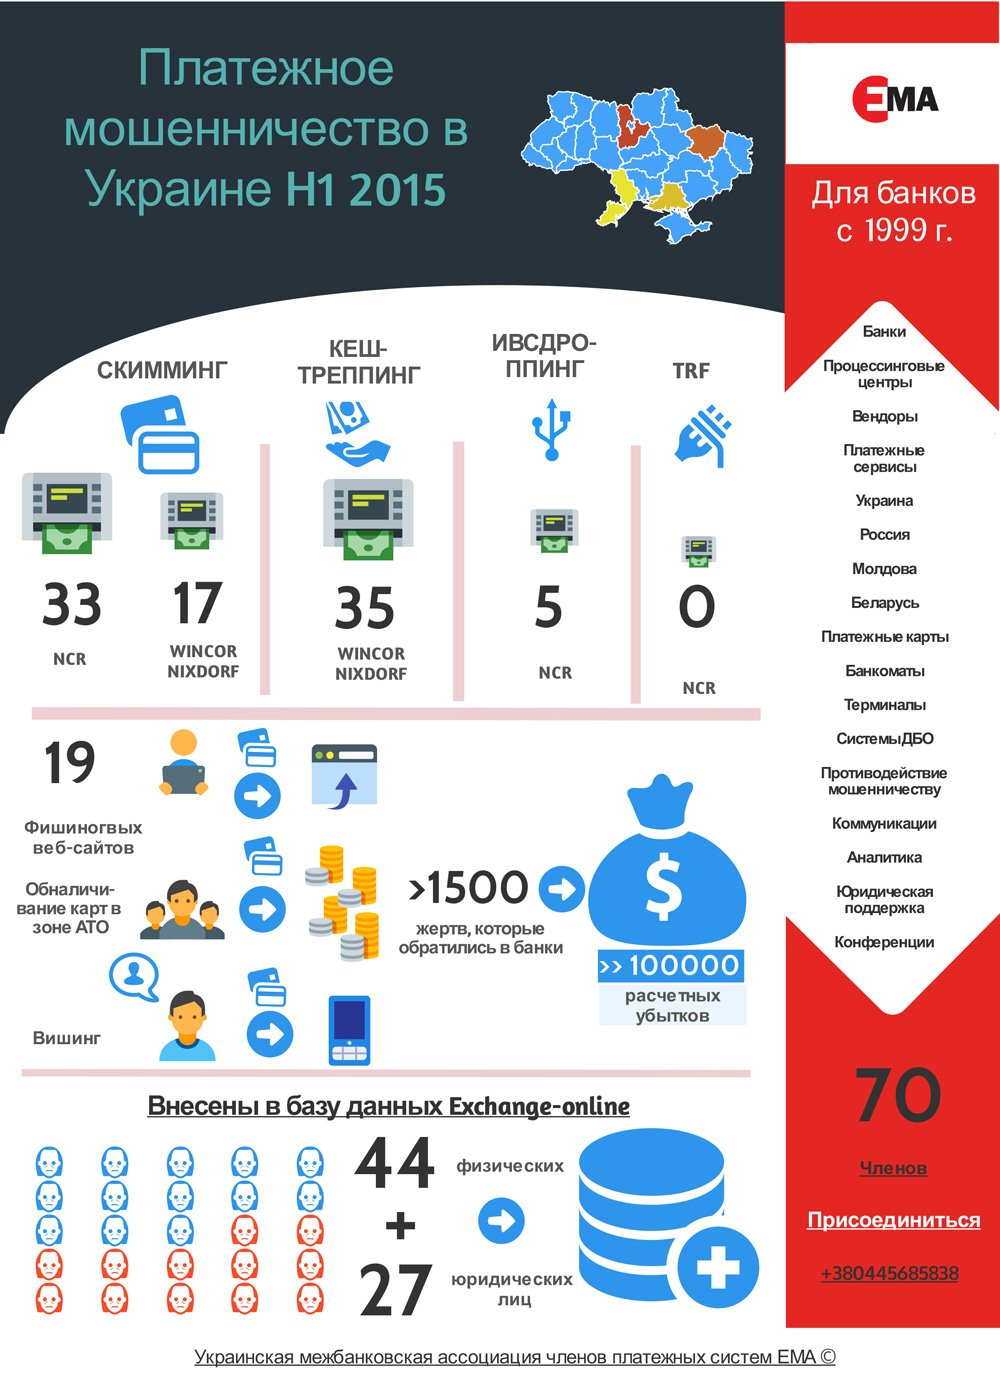 Платежное мошенничество в Украине в 1-2 квартале 2015 года